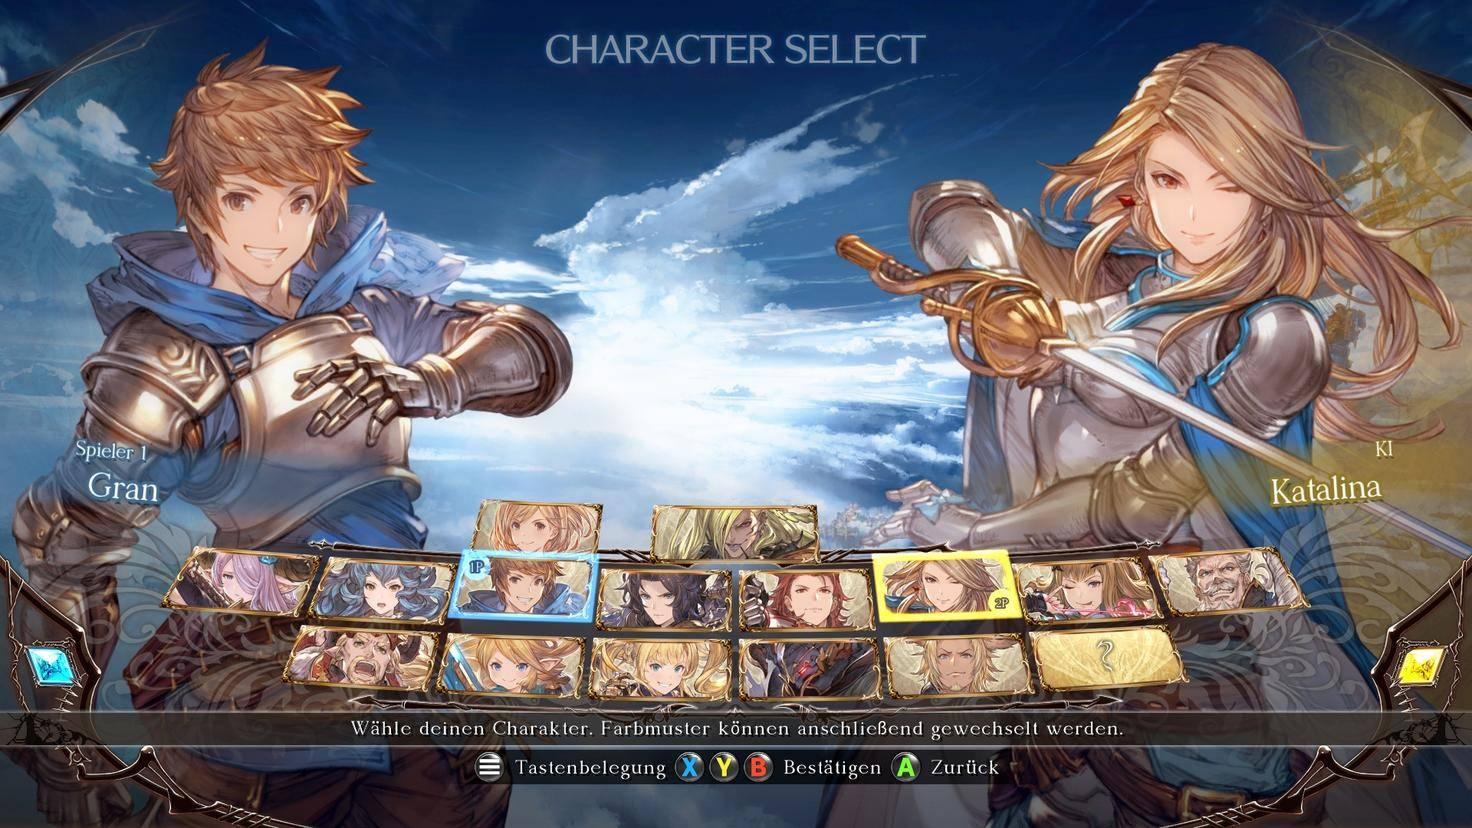 granblue-fantasy-versus-character-select